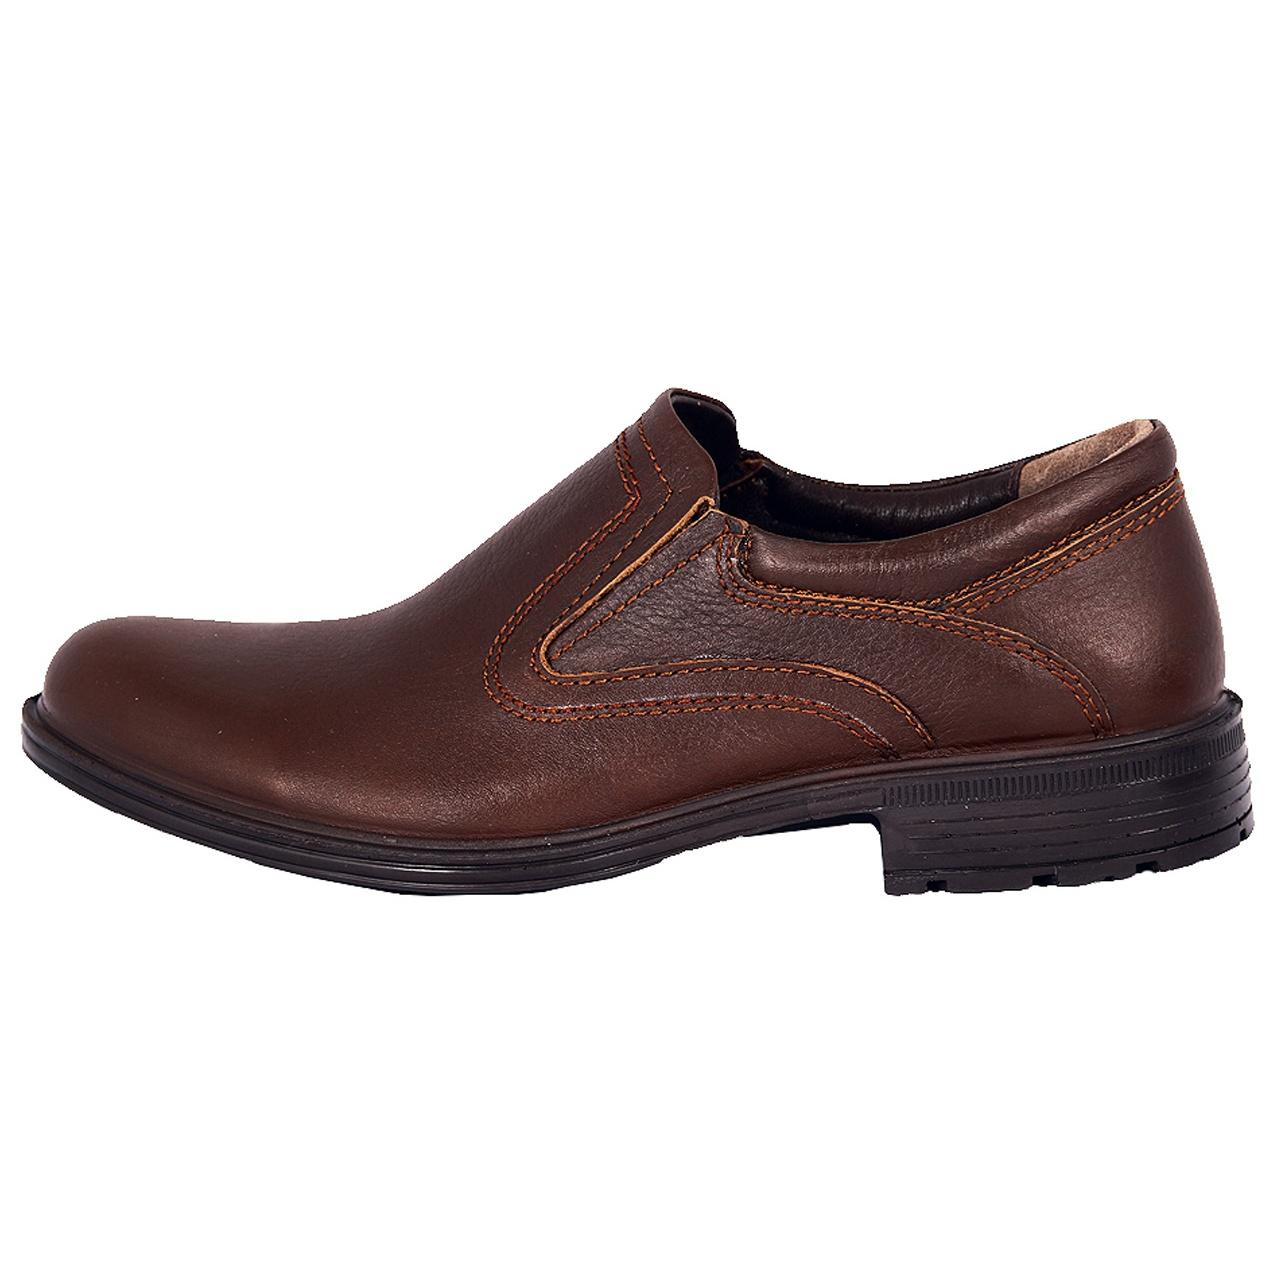 قیمت خرید کفش مردانه شهپر مدل 1107 اورجینال